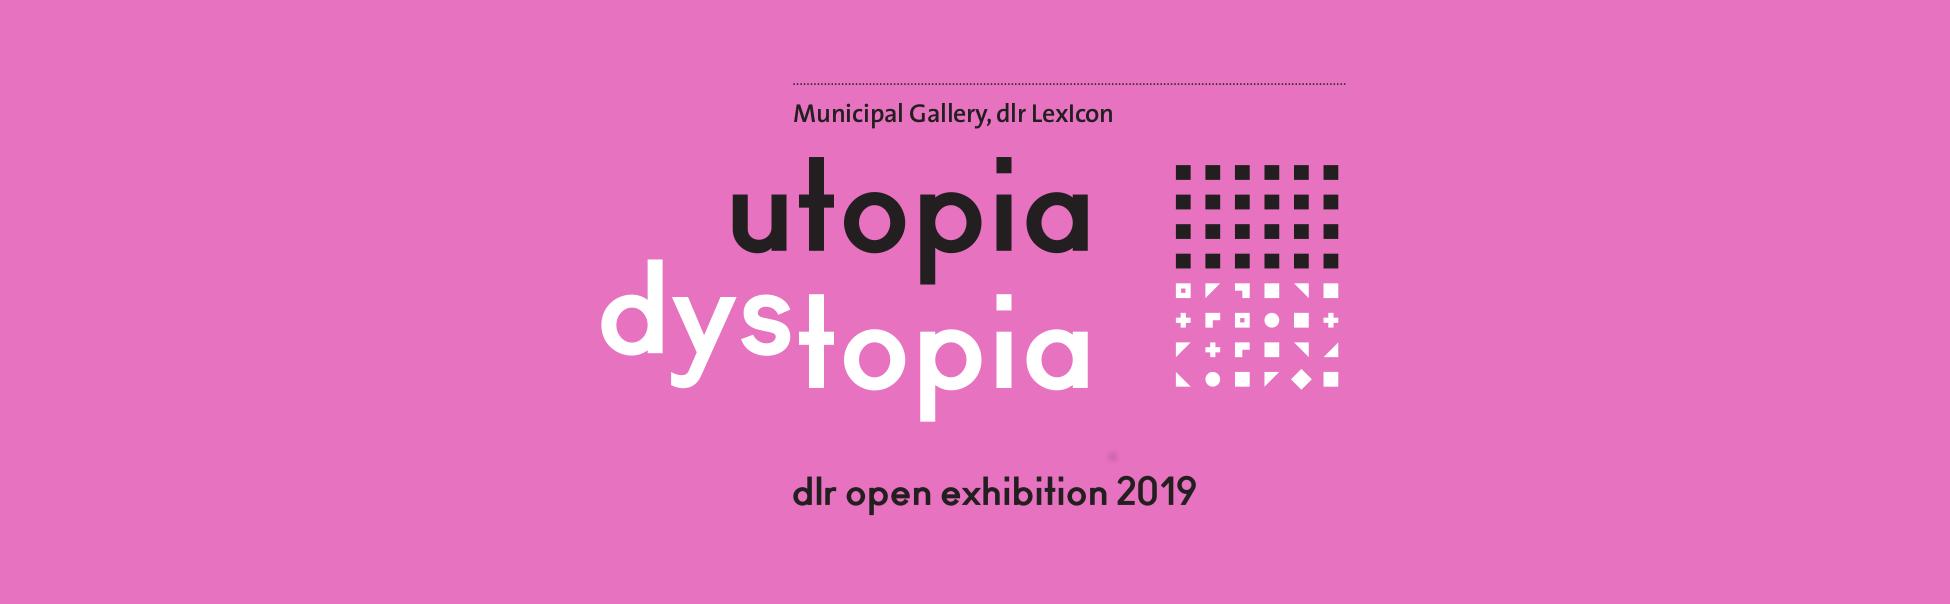 Municipal Gallery, dlr Lexicon. Utopia Dystopia. dlr open exhibition 2019